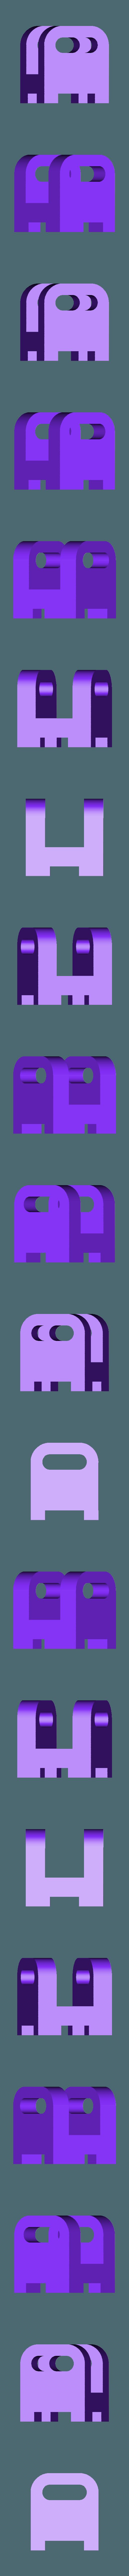 MODEL11.stl Télécharger fichier STL gratuit Exemple de dessin technique 11 • Design à imprimer en 3D, murbay52